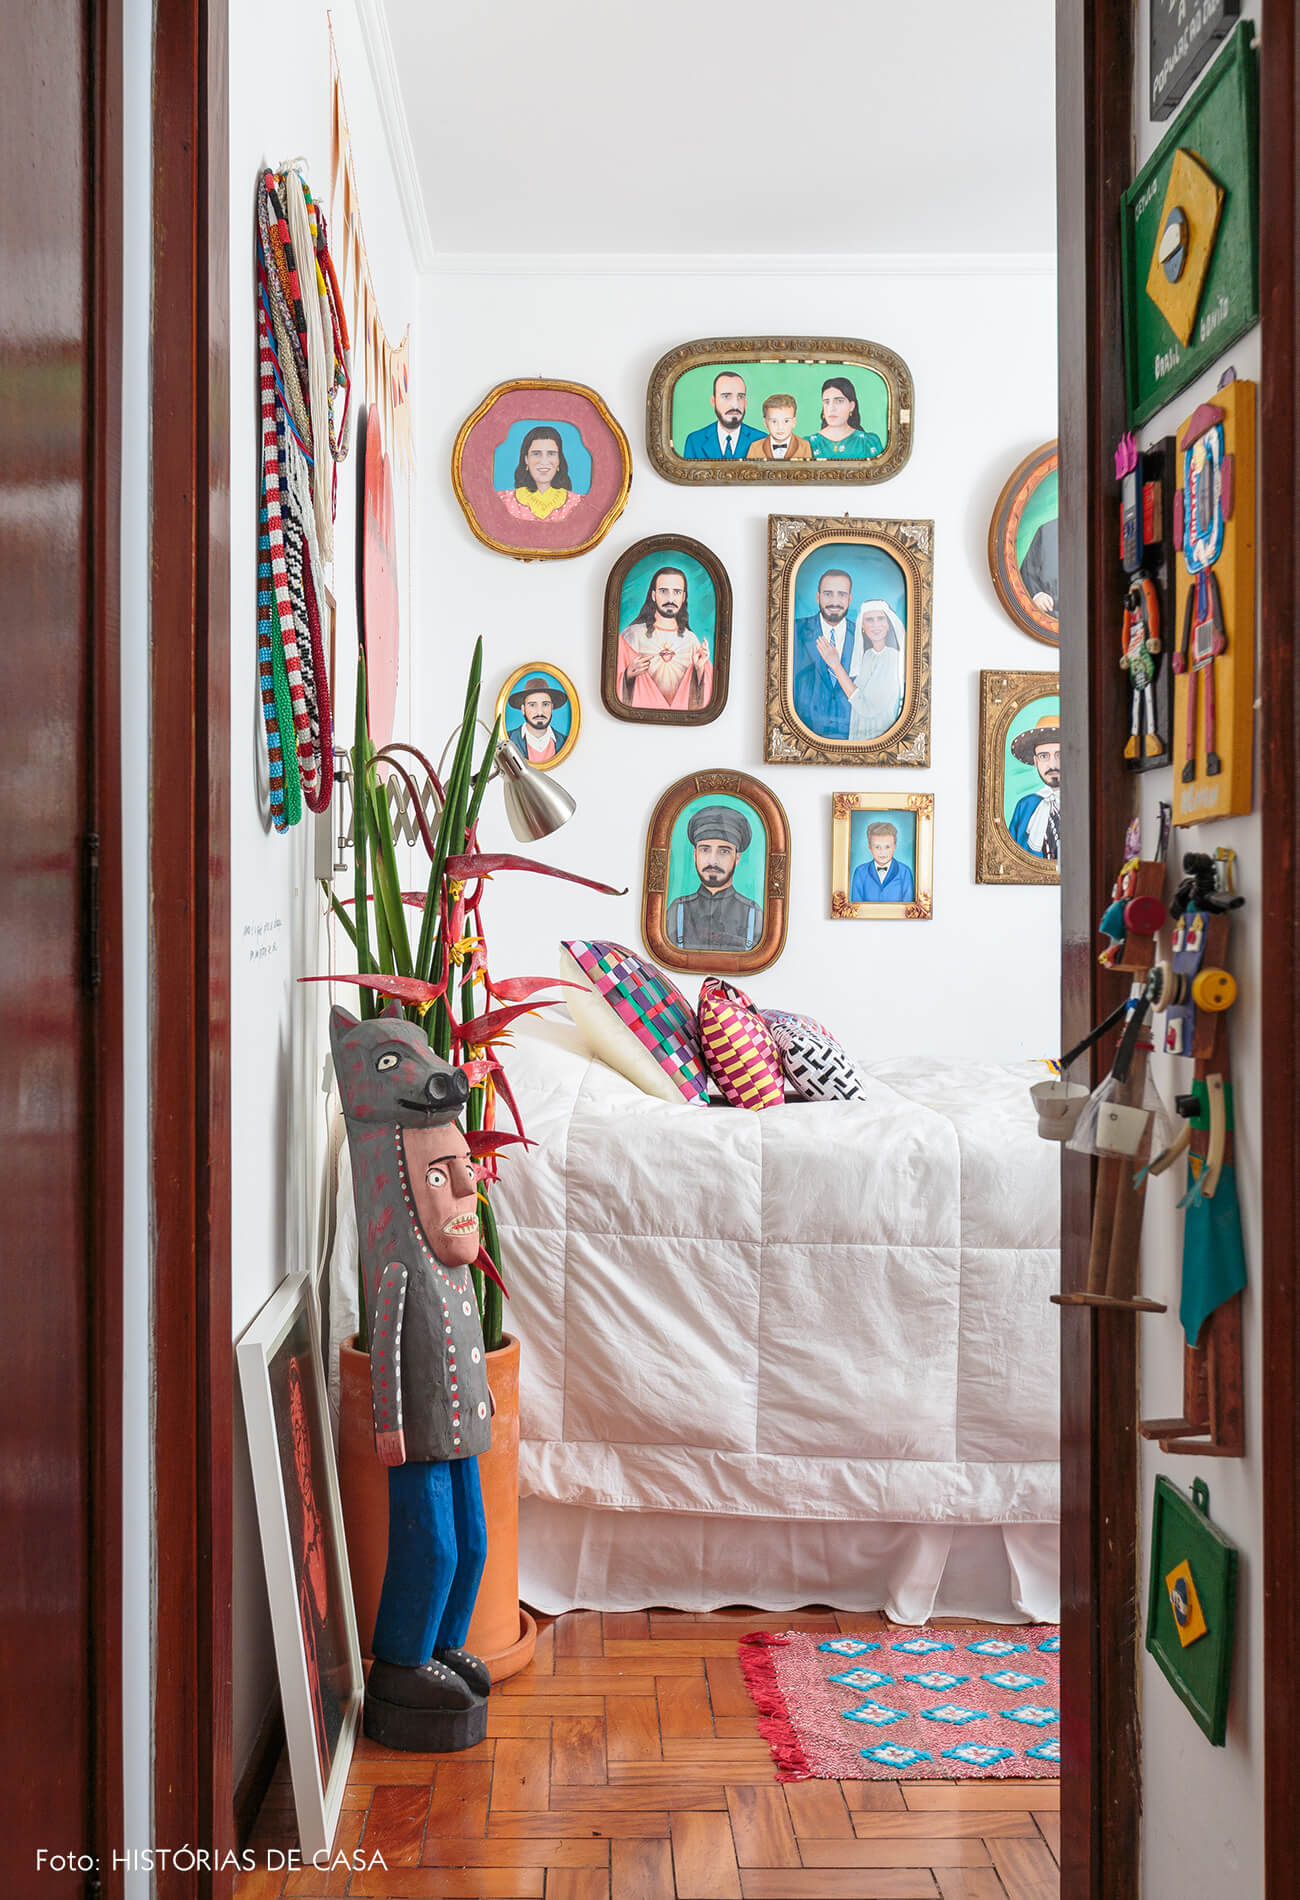 decoração quarto colorido com muitos quadros e objetos de madeira